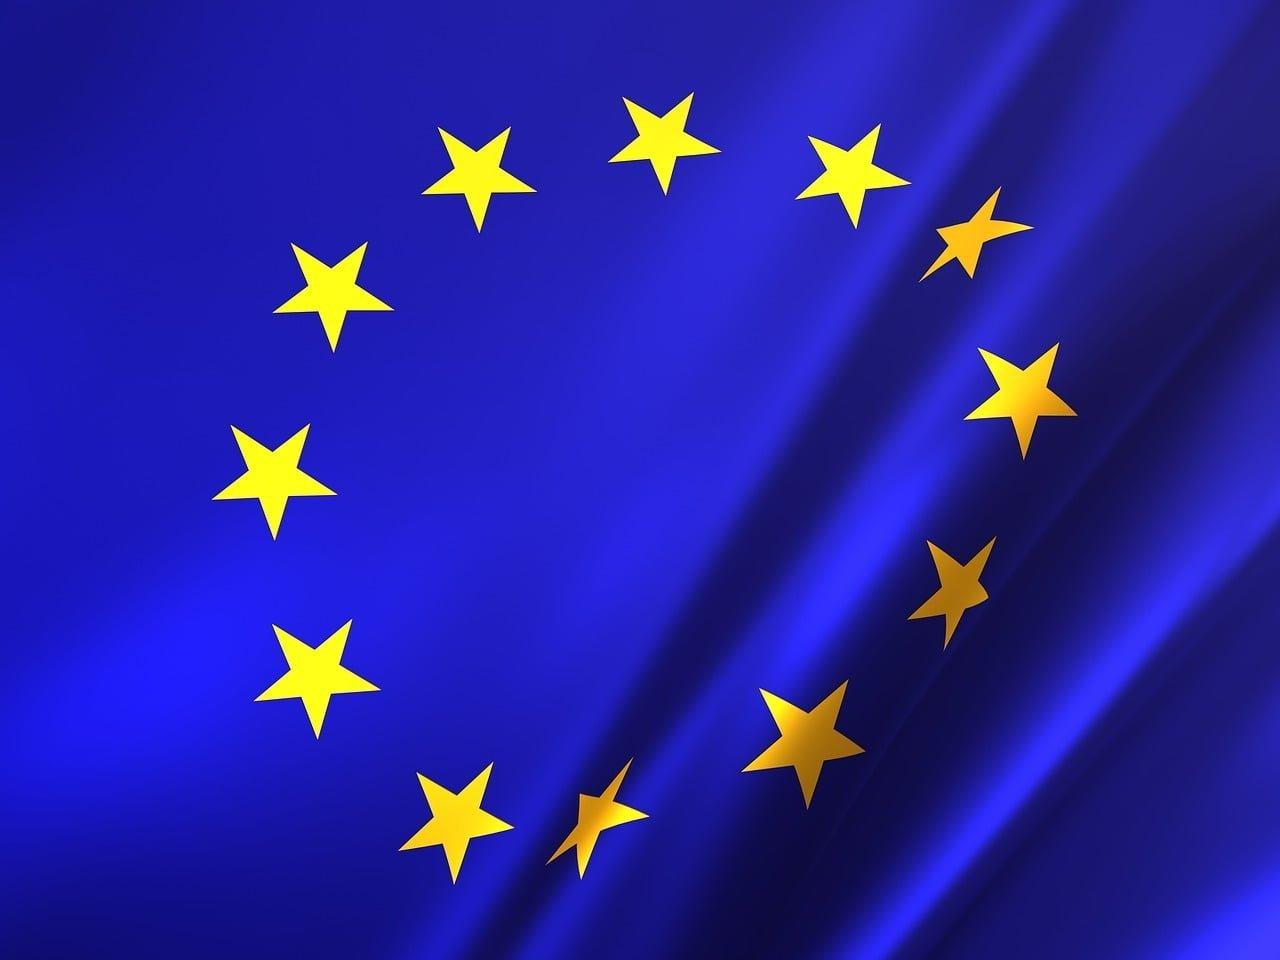 eu, flag, europe